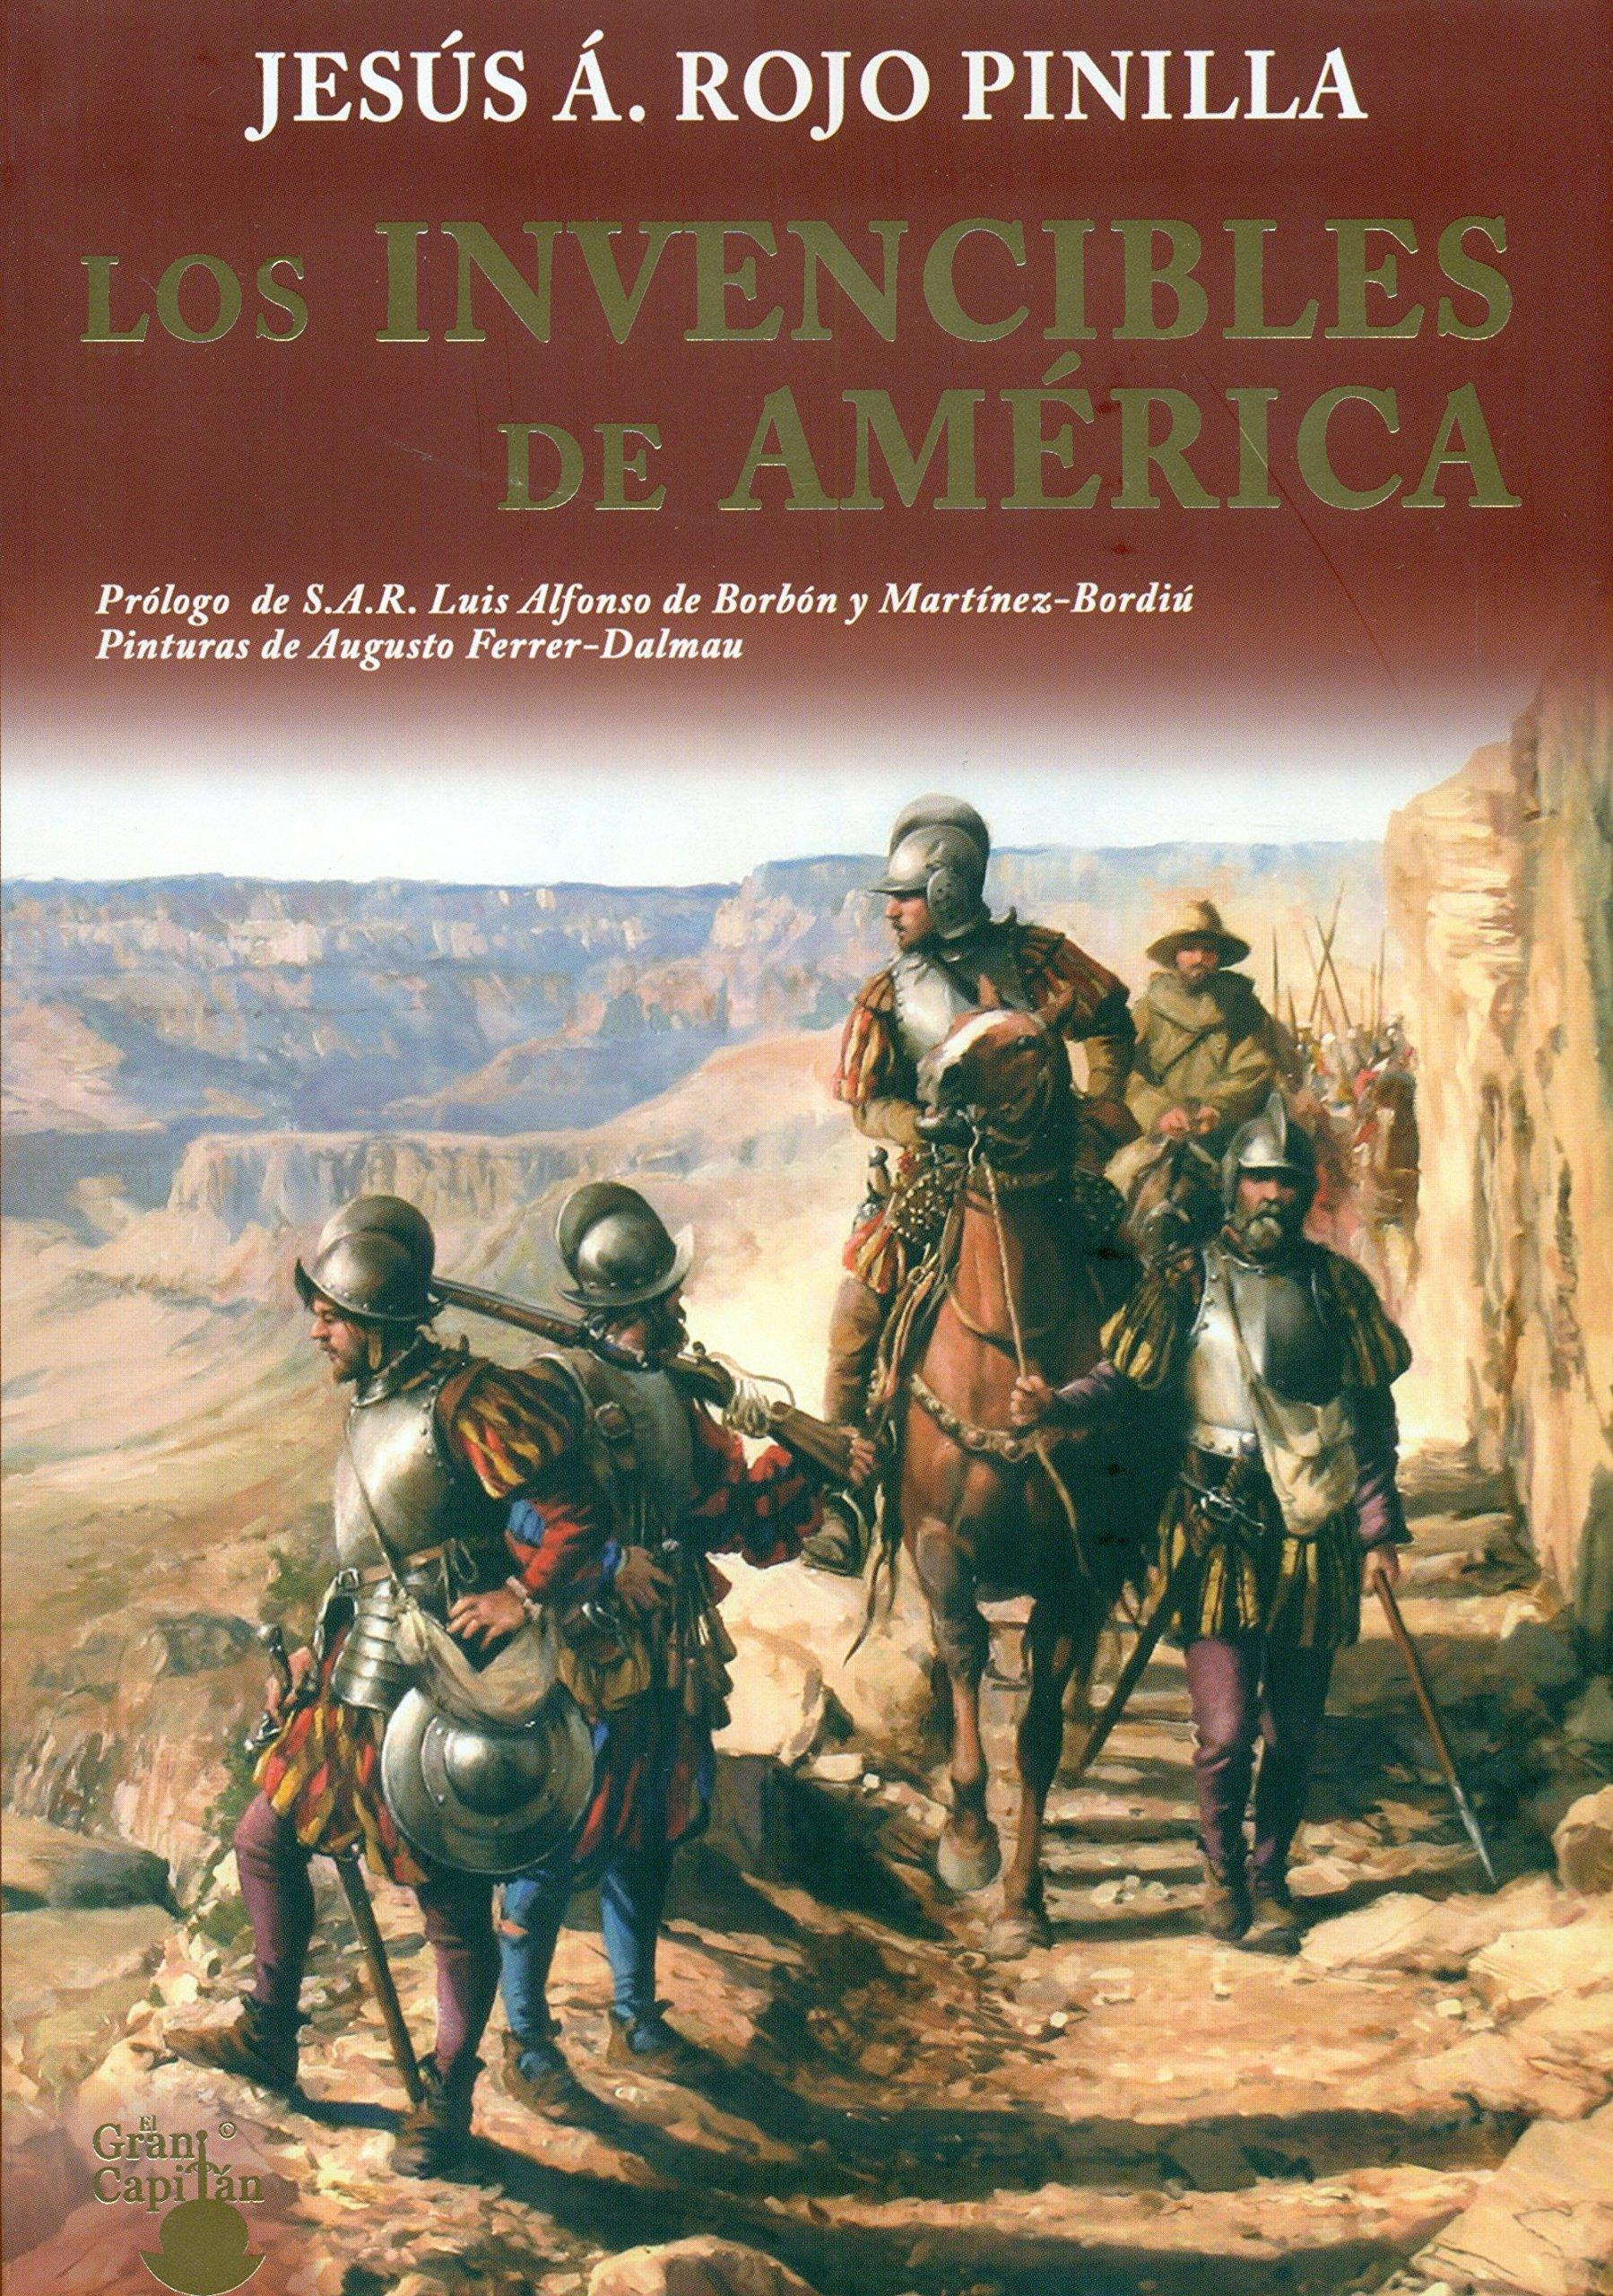 LOS INVENCIBLES DE AMERICA: GRANDEZA, INTRIGAS AMORES Y TRAICIONES: Amazon.es: ROJO PINILLA, JESUS ANGEL: Libros